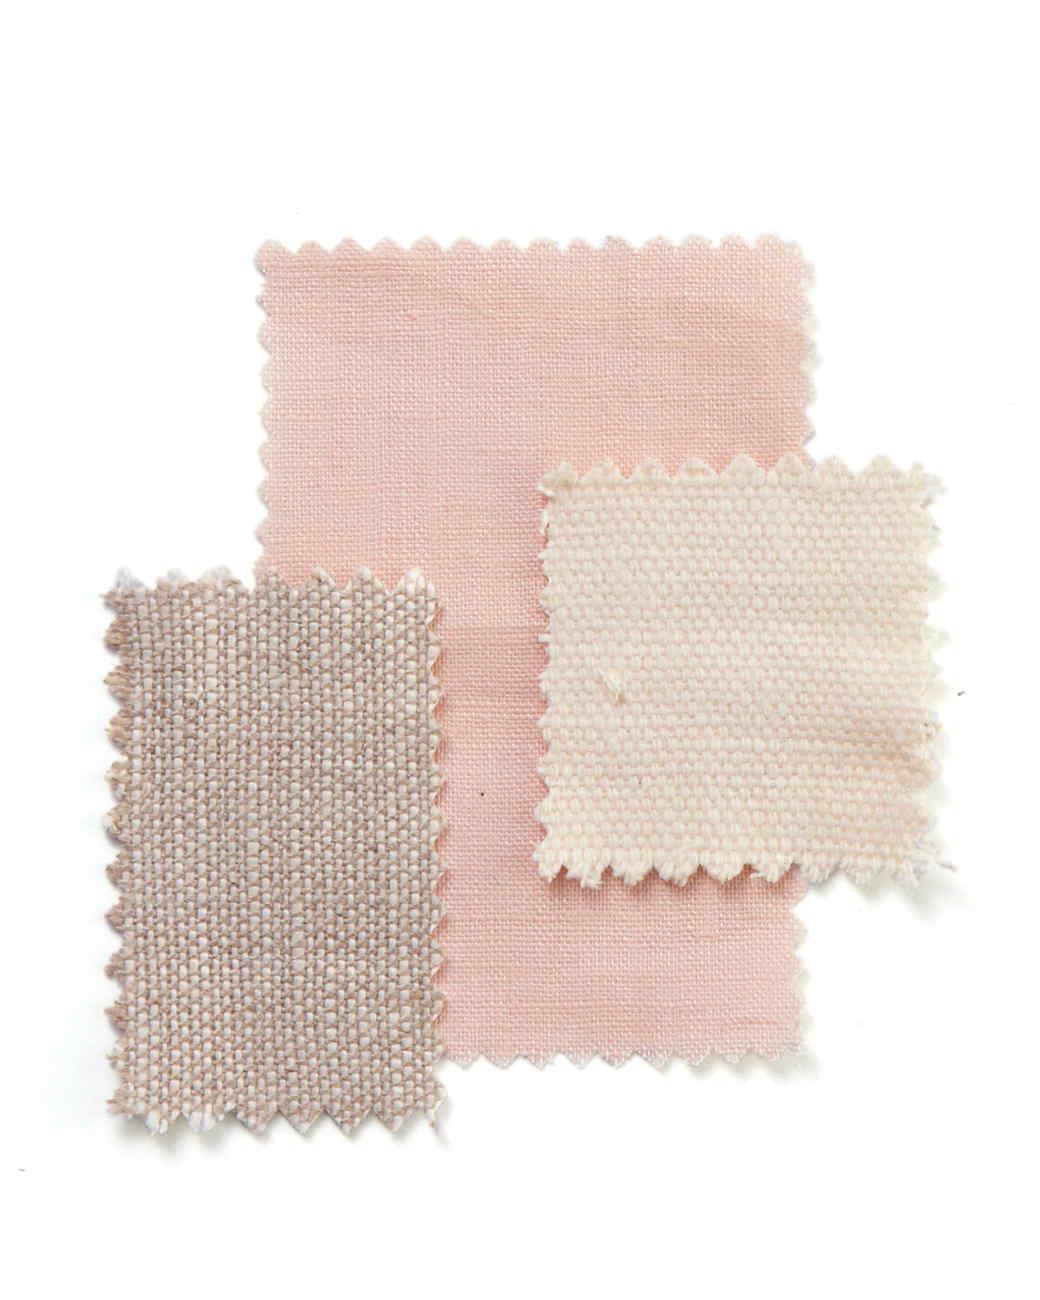 fabric-swatch-052-mld110351.jpg